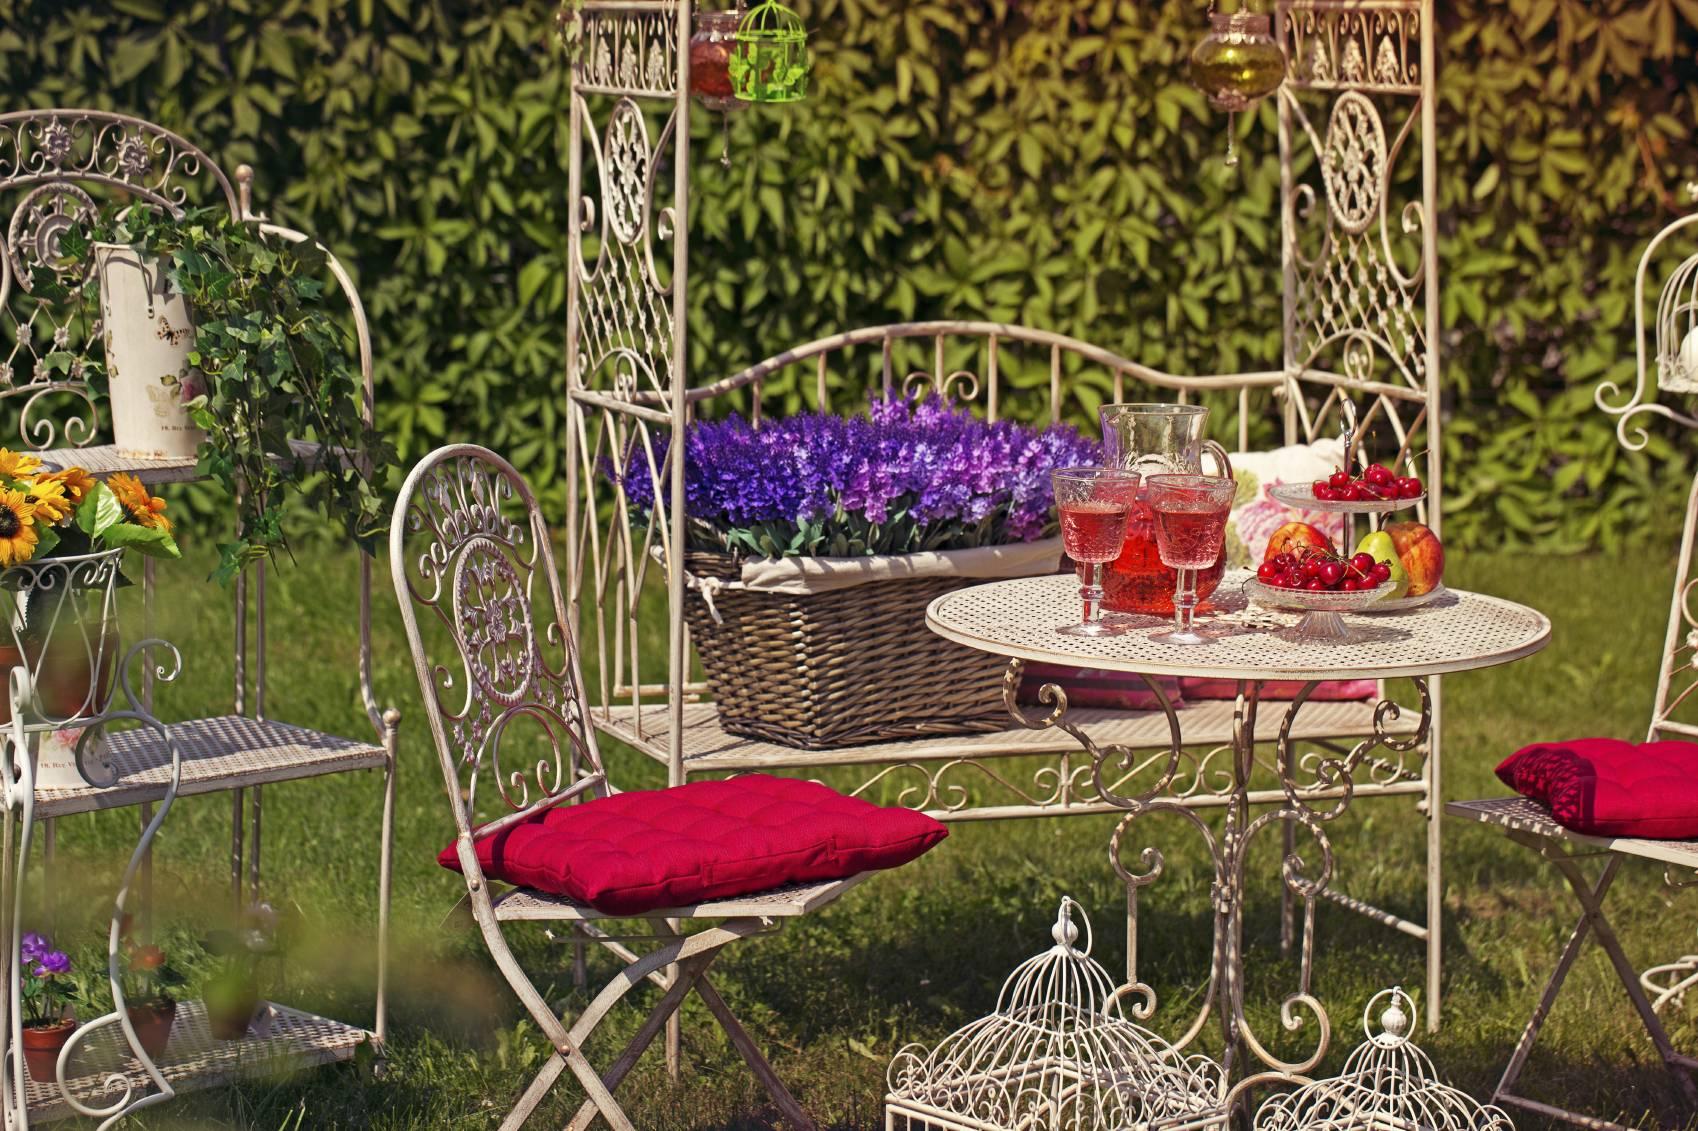 coussins-de-jardin Meilleur De De Coussin Pour Chaise De Jardin Des Idées